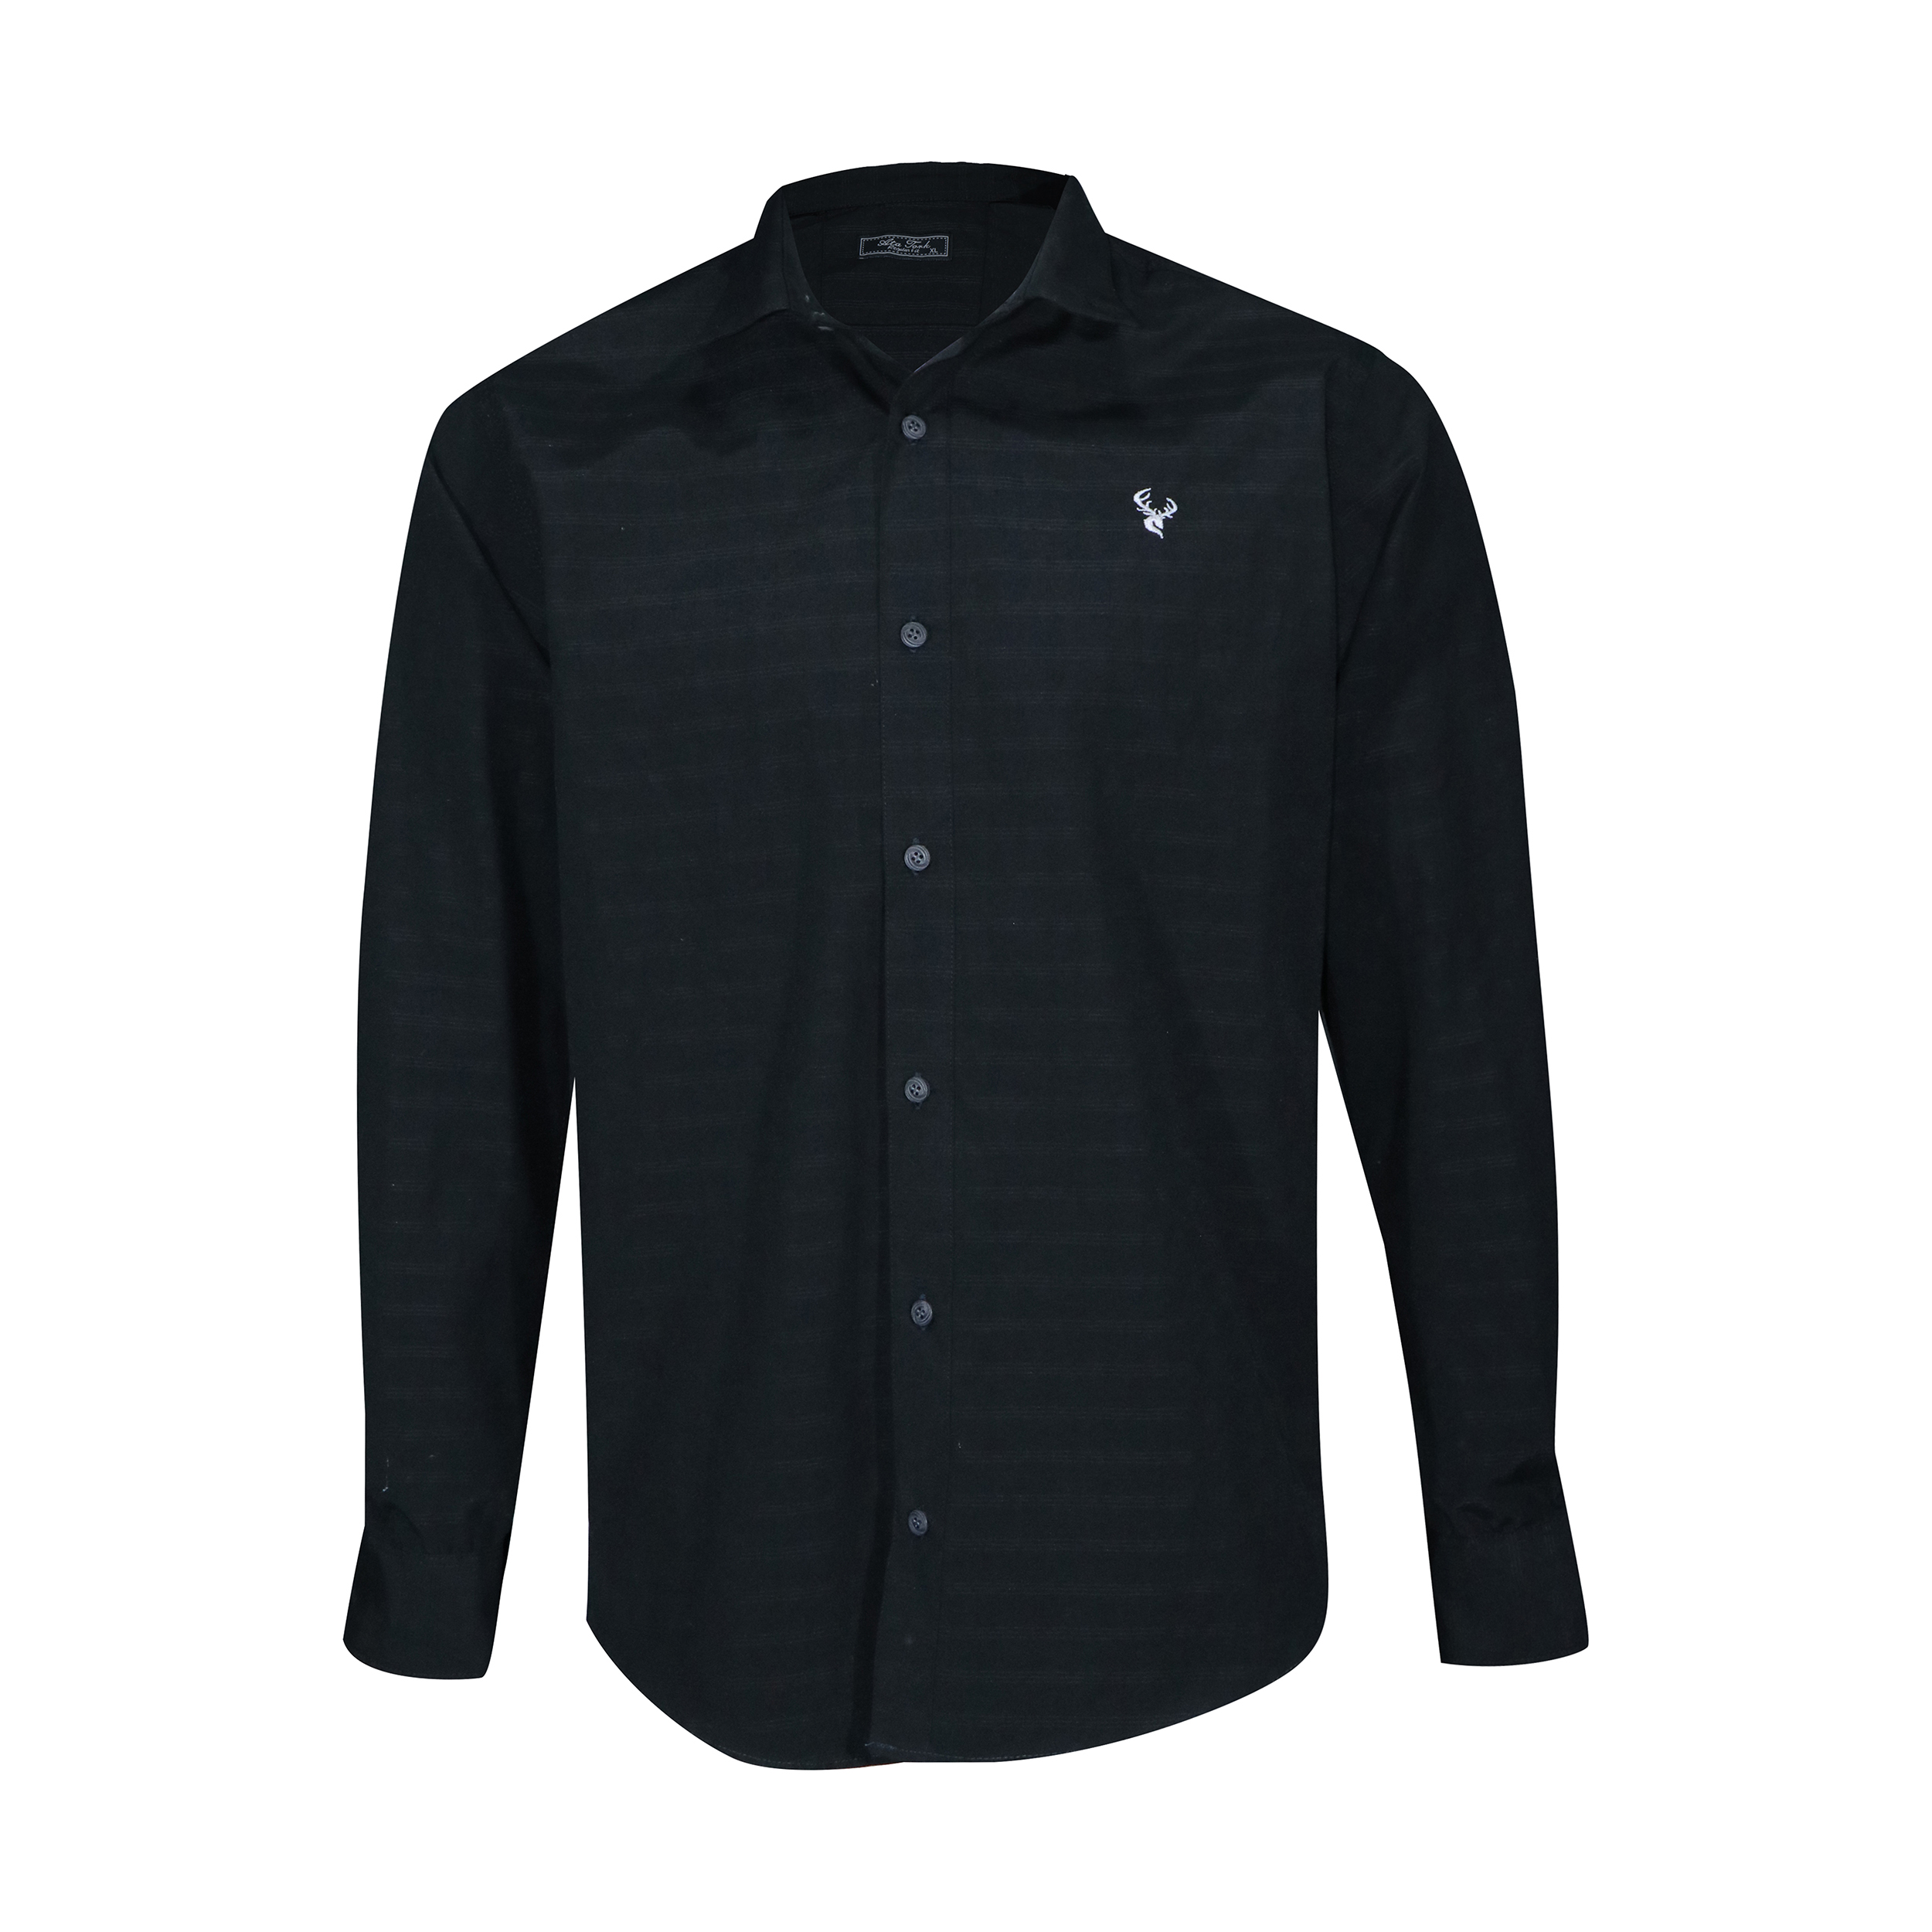 پیراهن آستین بلند مردانه آتا ترک مدل A21 رنگ مشکی